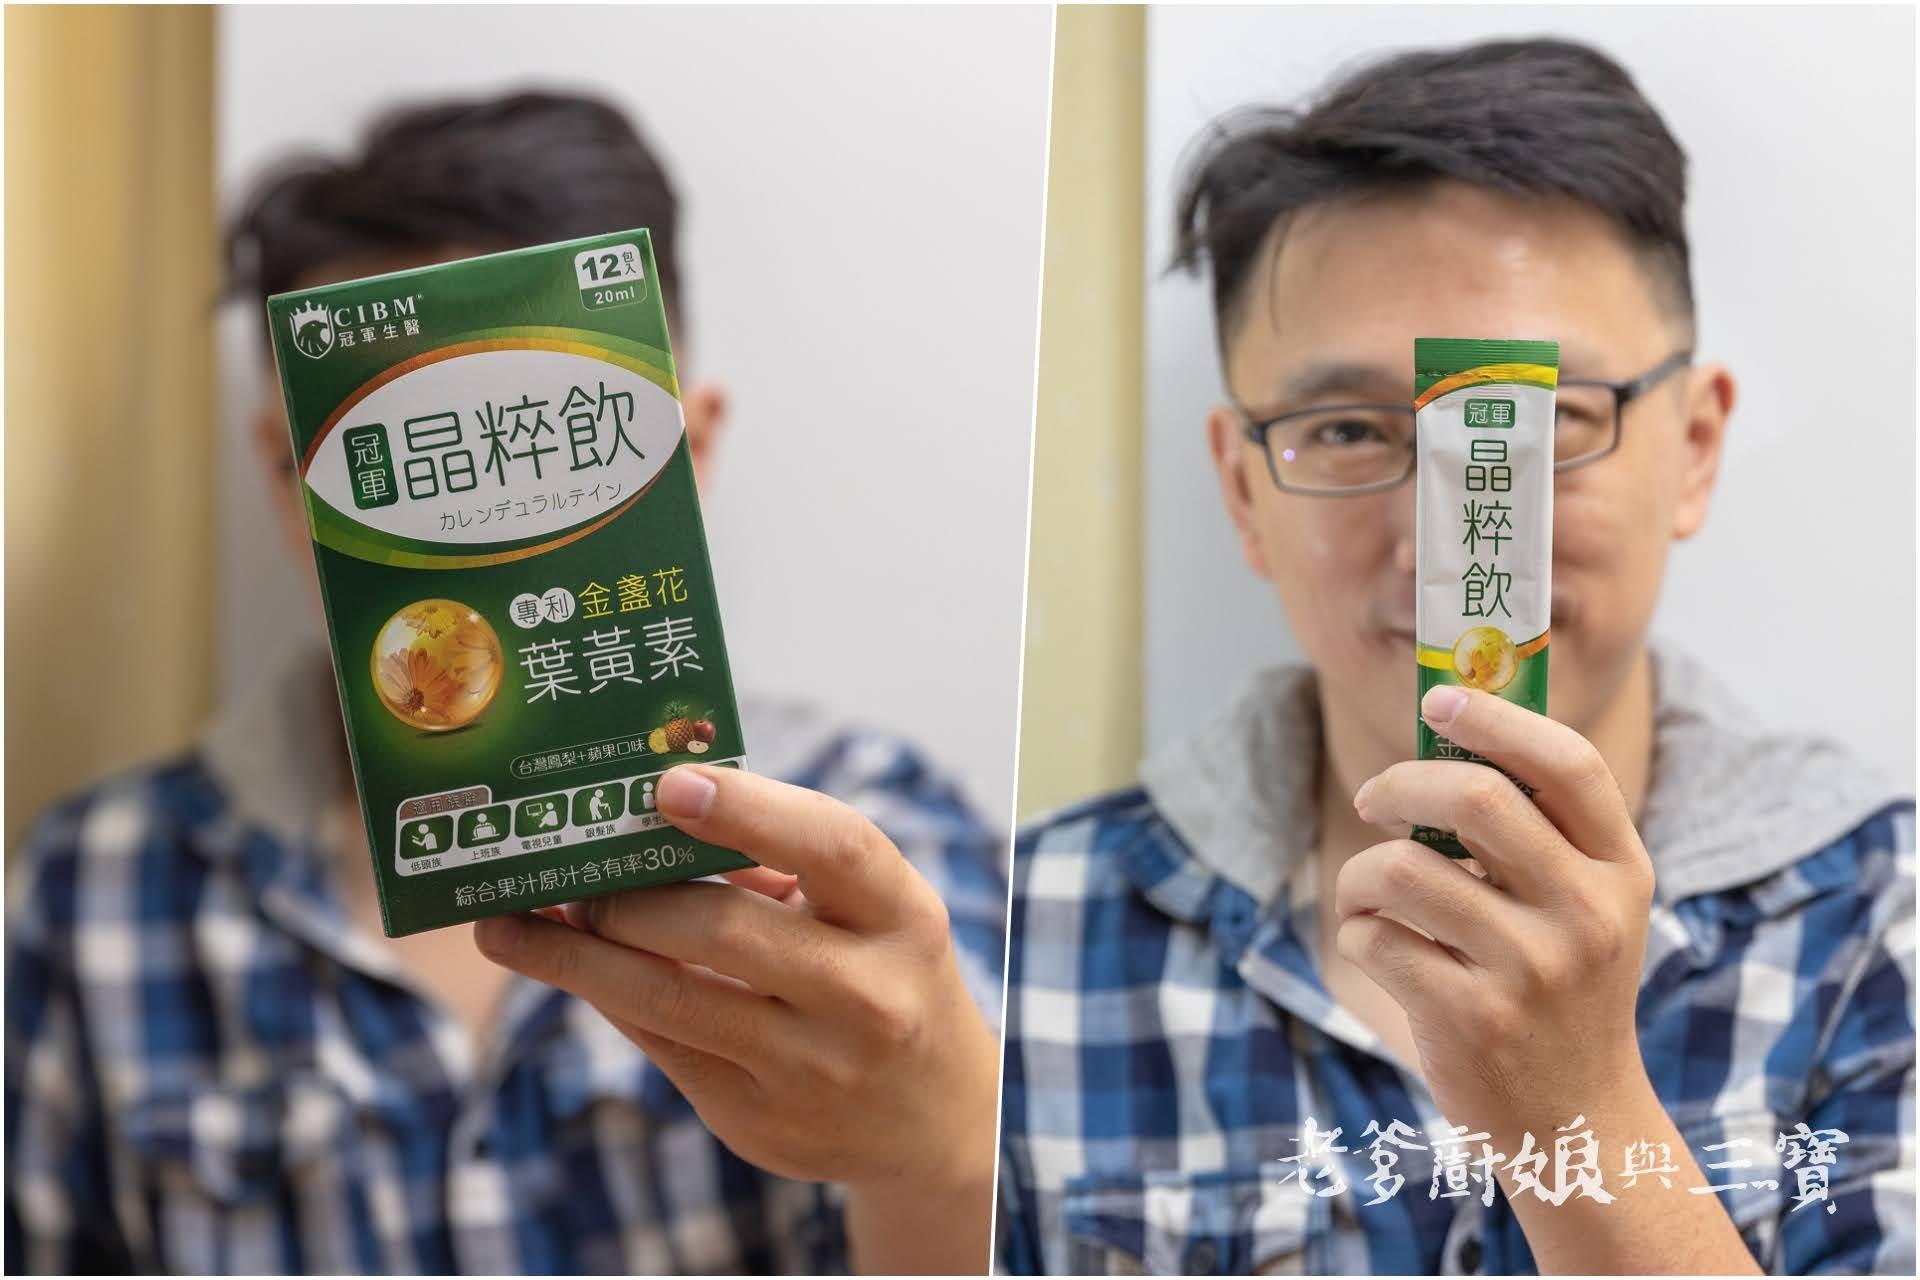 用喝的眼睛保養品!喝果汁同時晶亮雙眼的「冠軍晶粹飲」